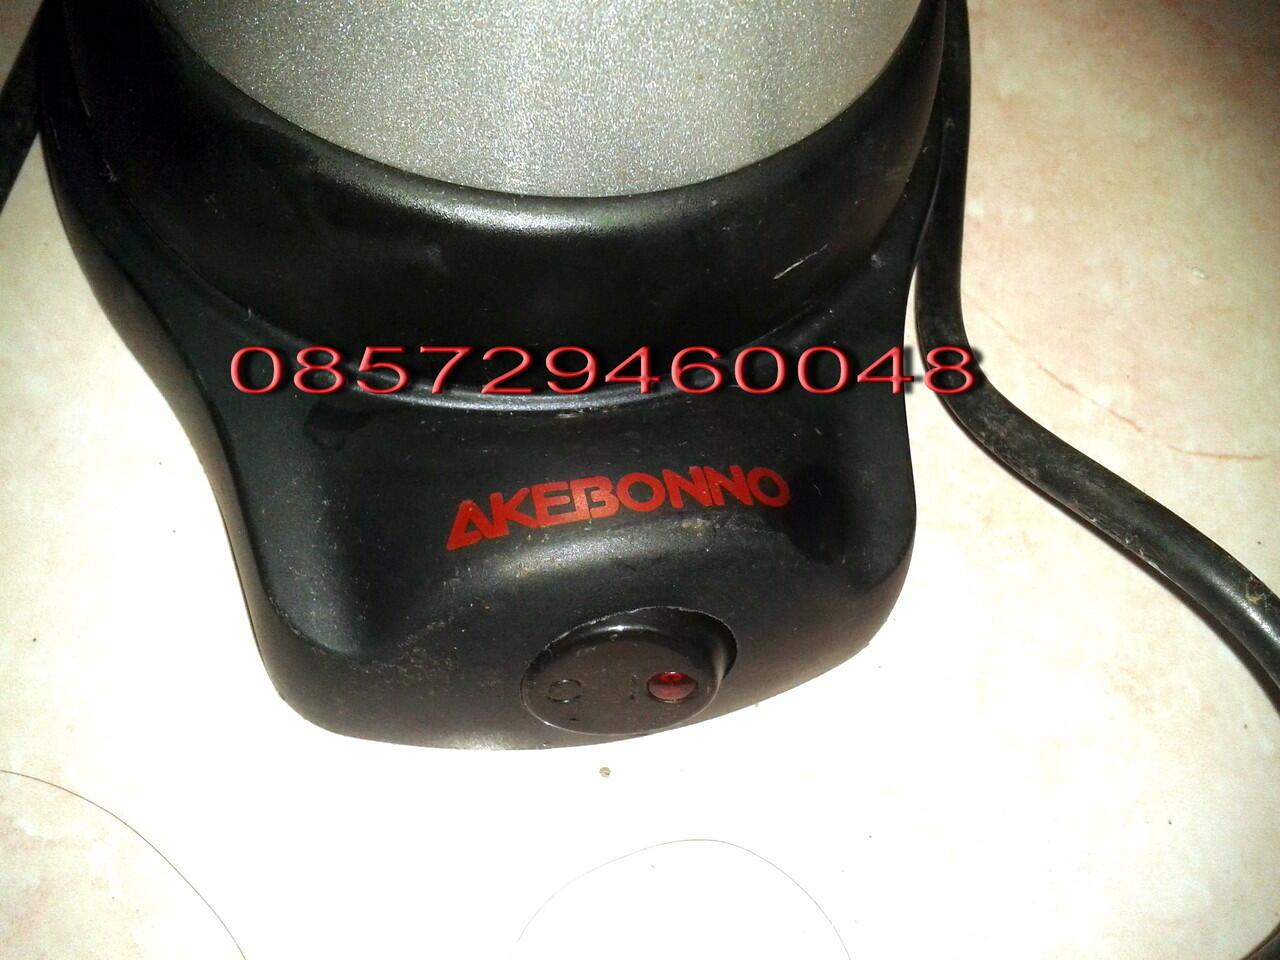 Terjual Electric Coffee Maker Akebonno Kaskus